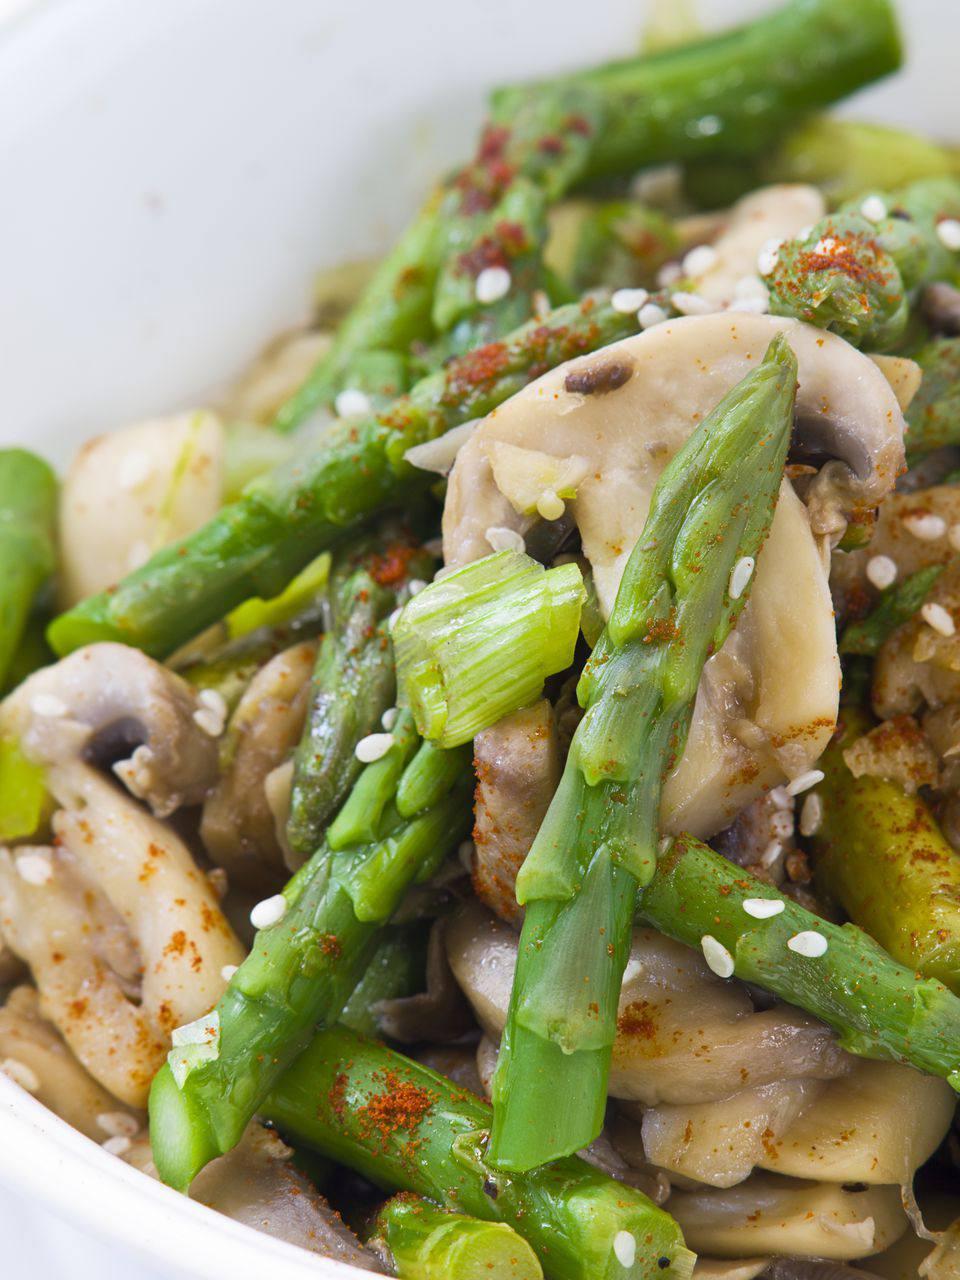 Closeup of asparagus stir-fry